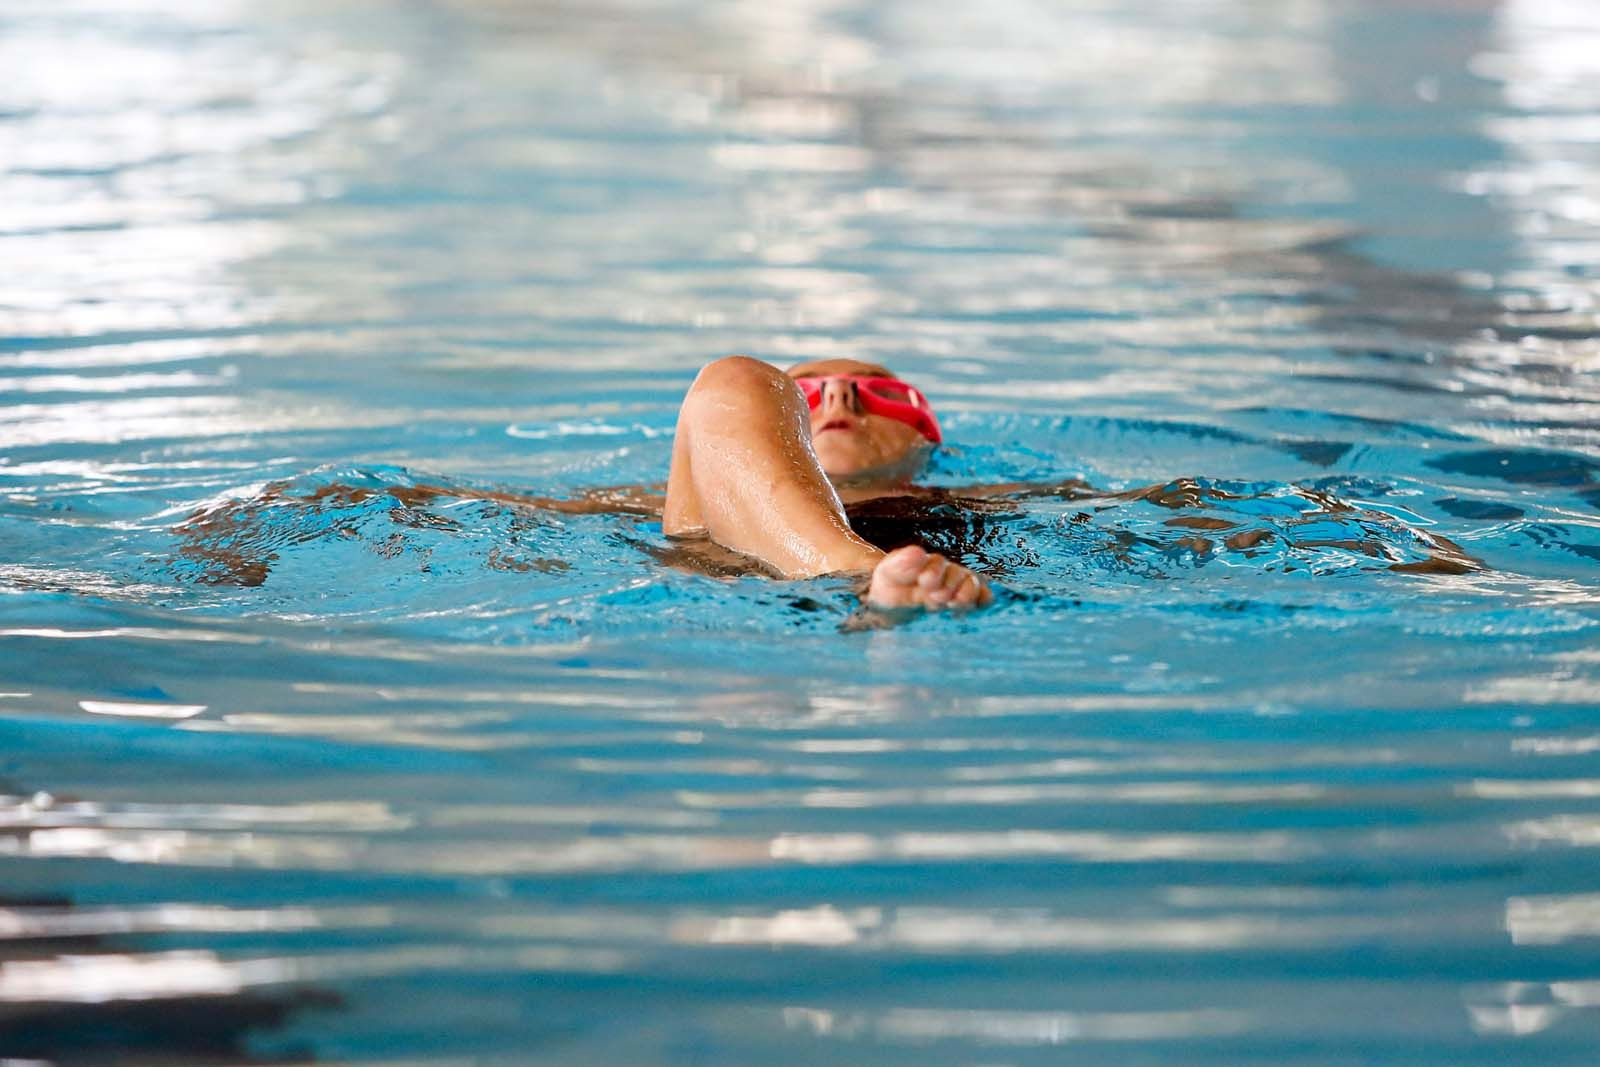 Las nadadoras ibicencas testean su nivel en la piscina de Can Coix, en Sant Antoni